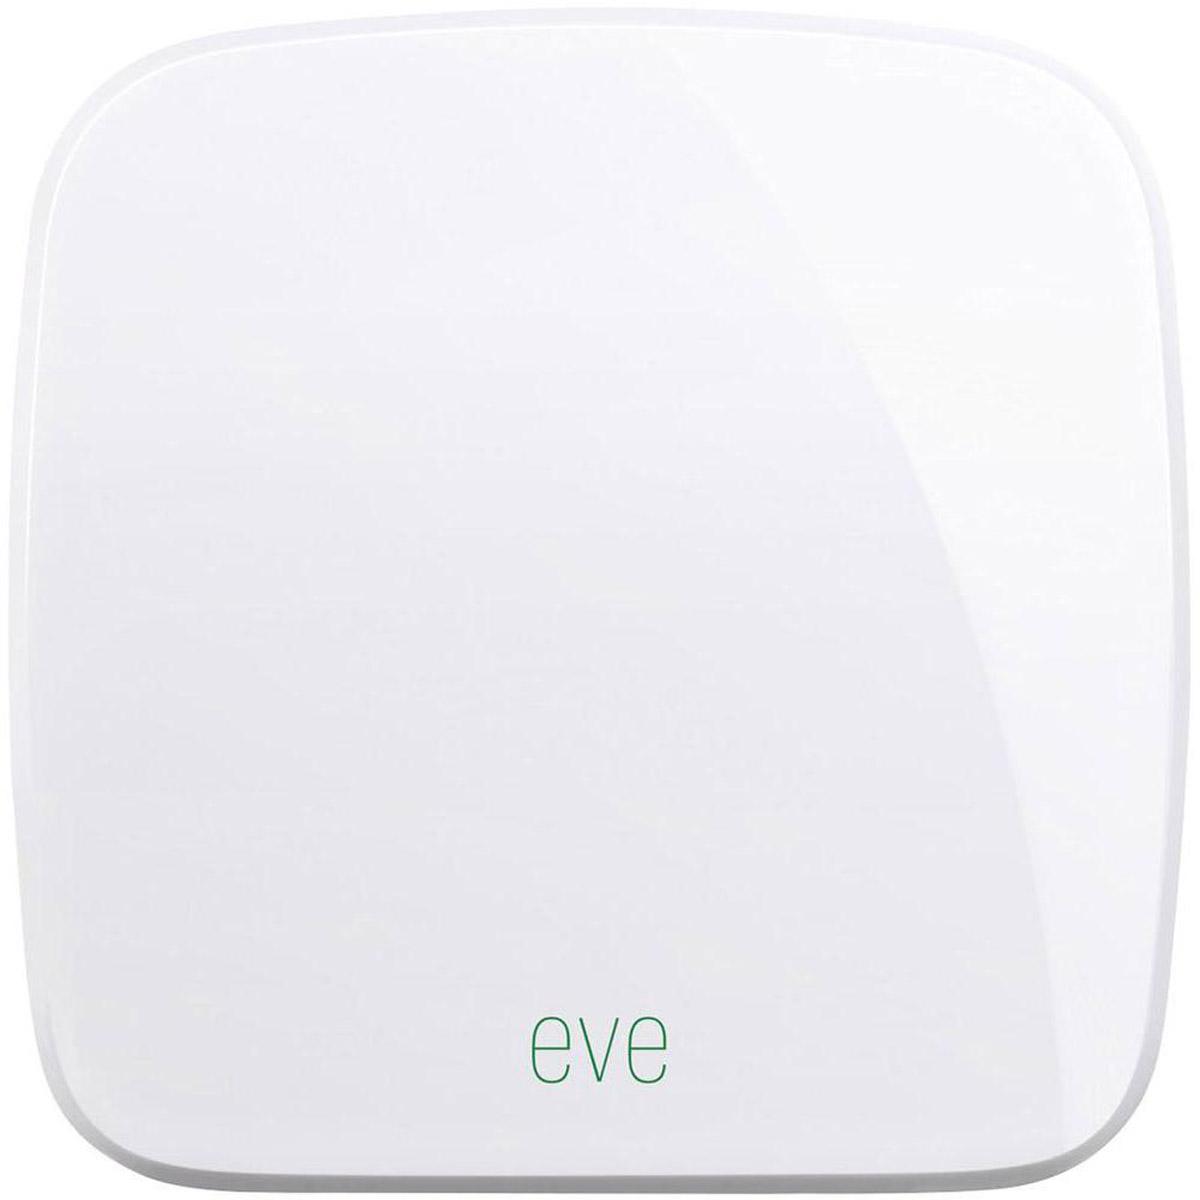 Elgato Eve Room беспроводной датчик